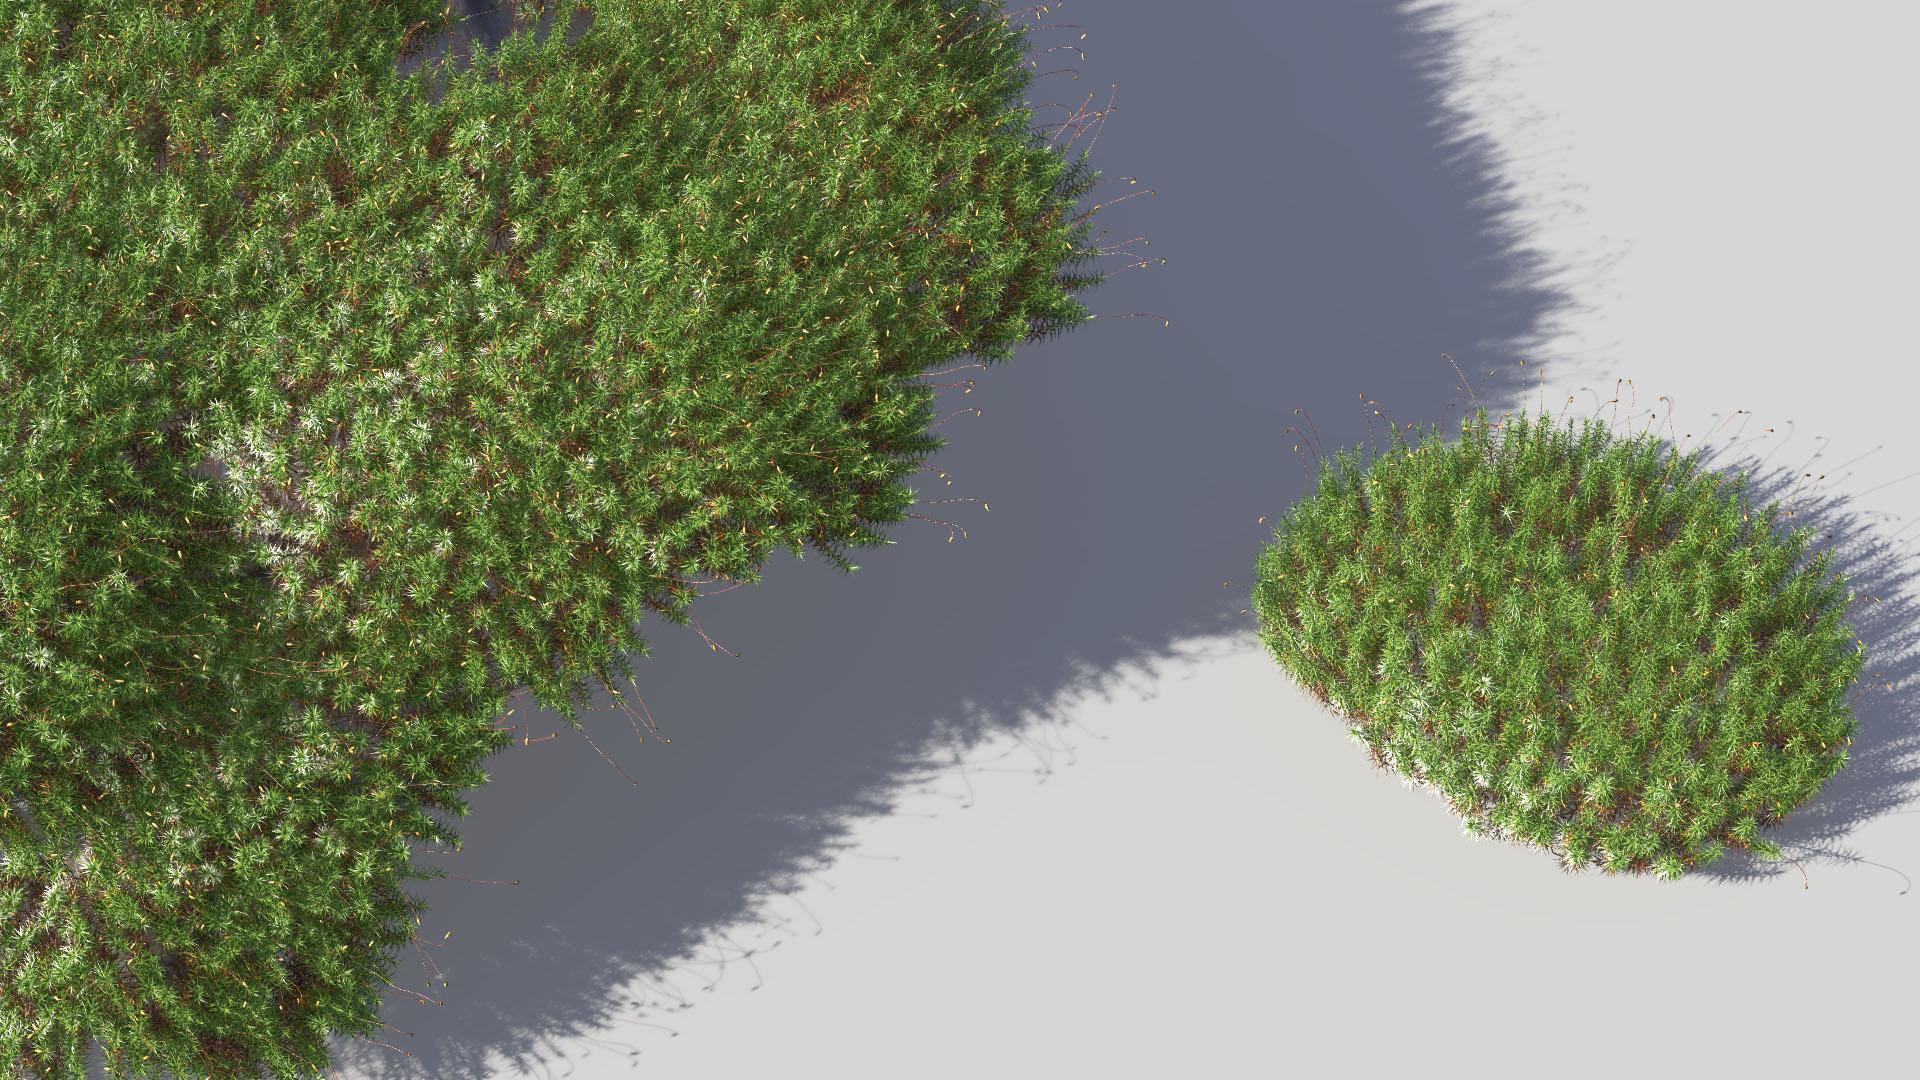 3D model of the Common haircap moss Polytrichum commune